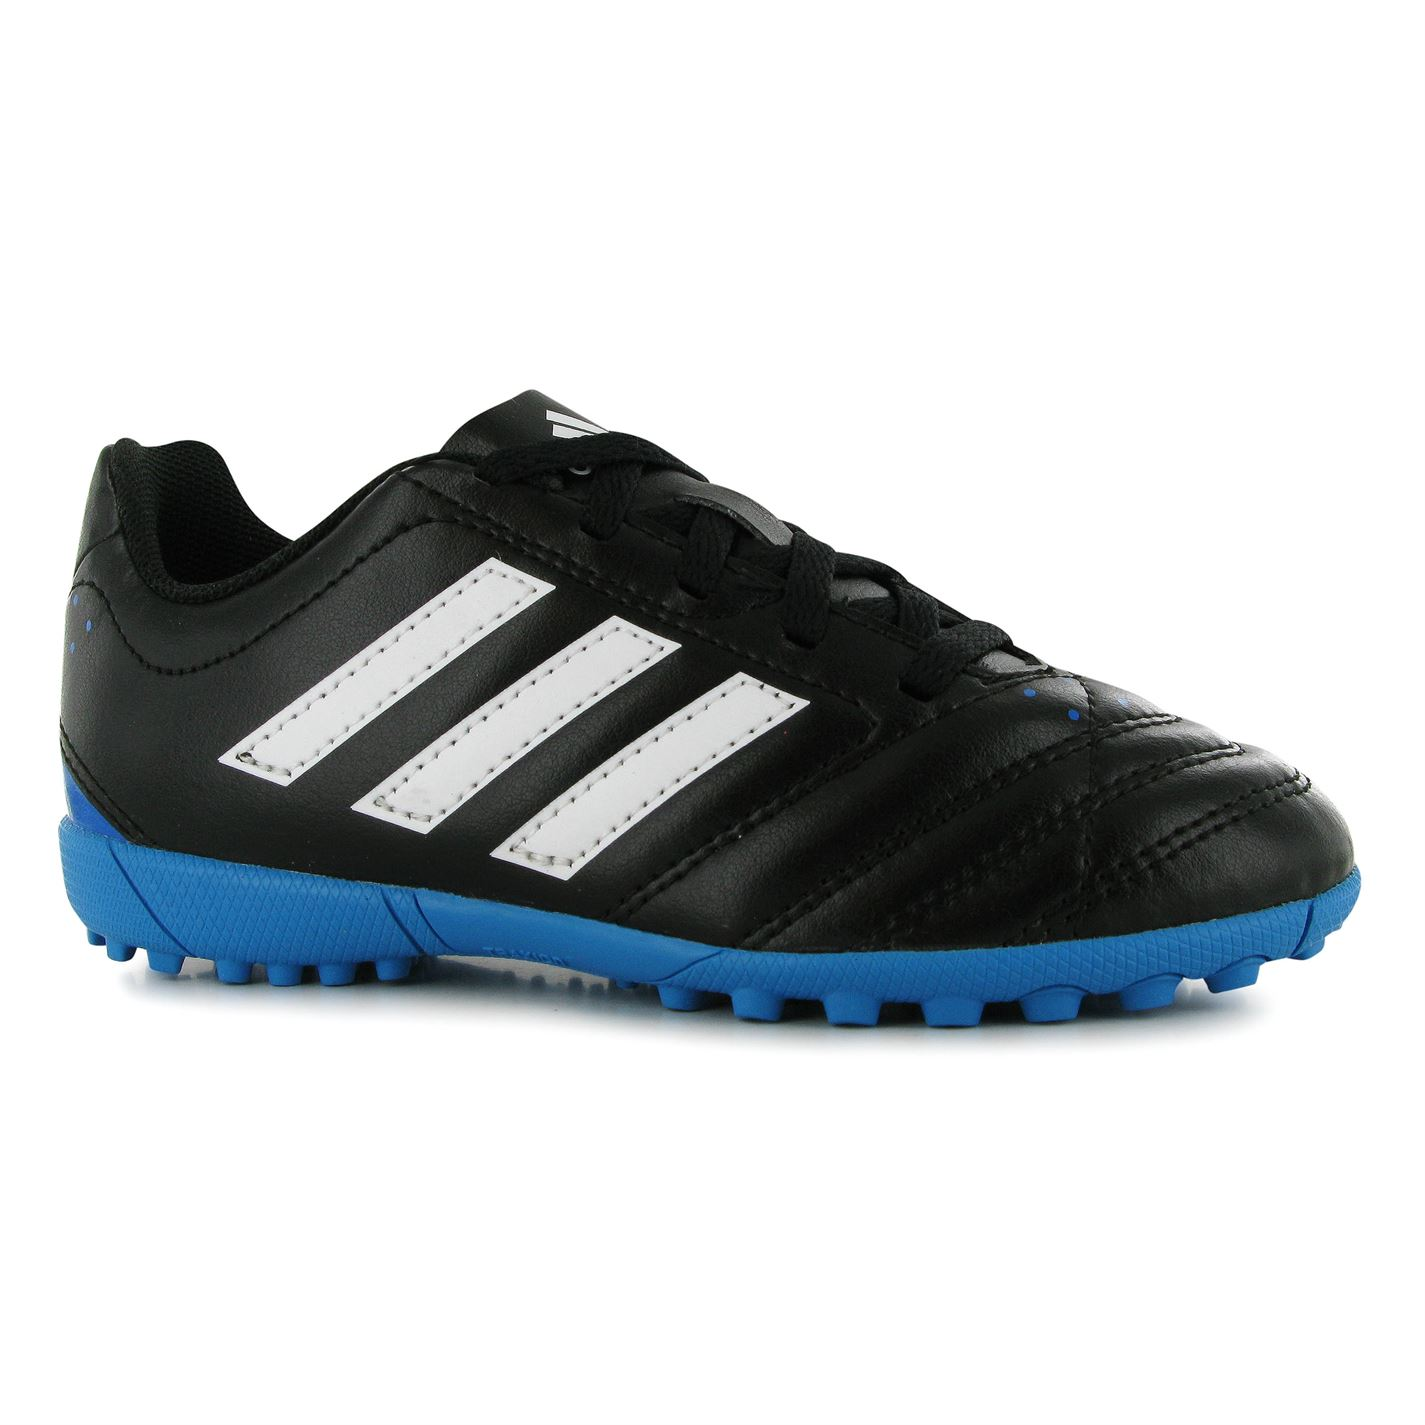 kopačky adidas F10 TRX FG Childrens Black White - Glami.cz edc501e817